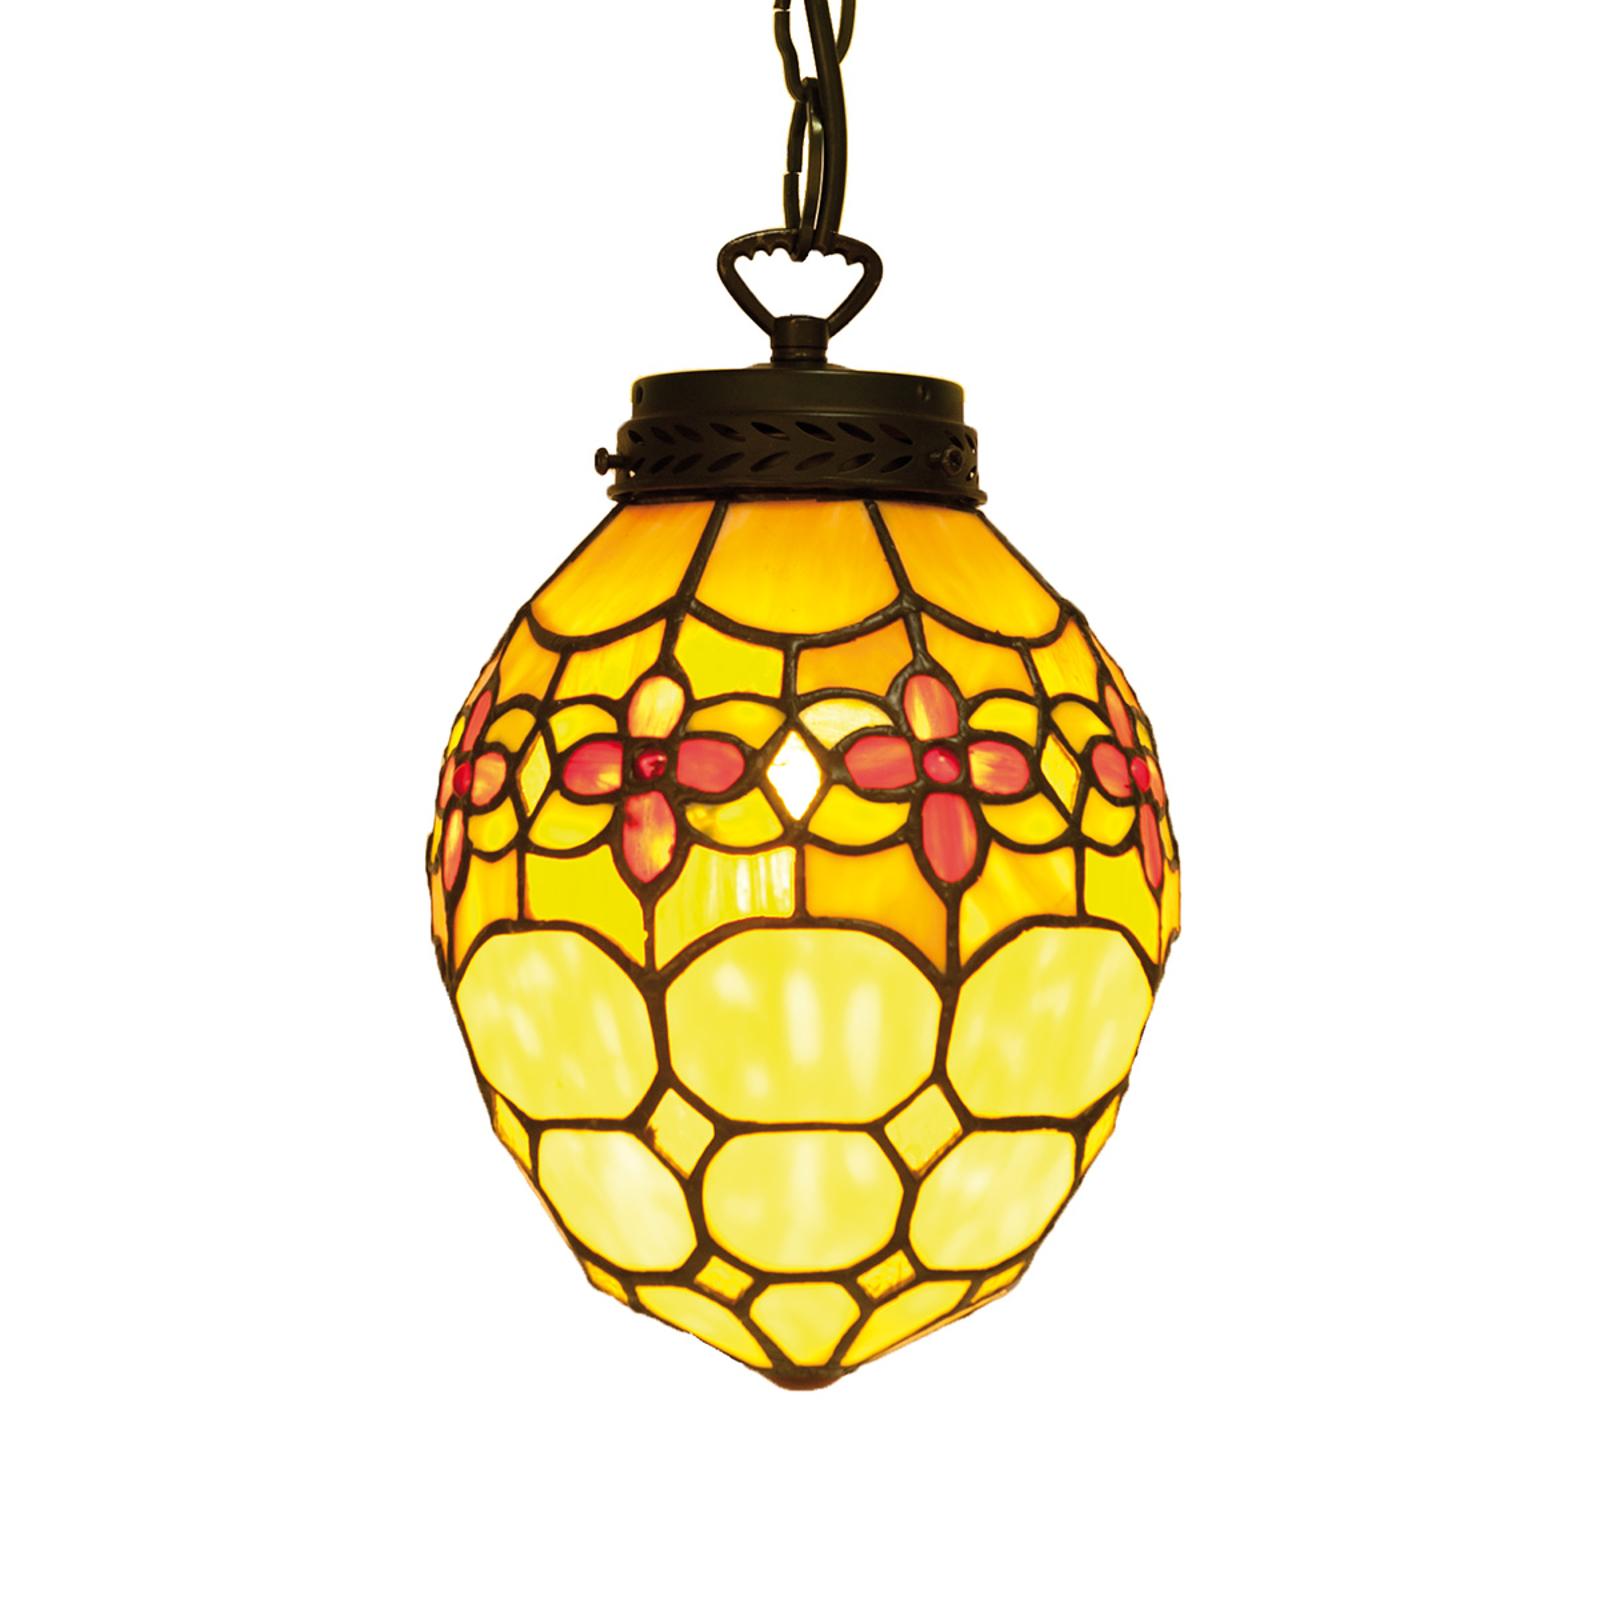 Carla – lampa wisząca w stylu Tiffany